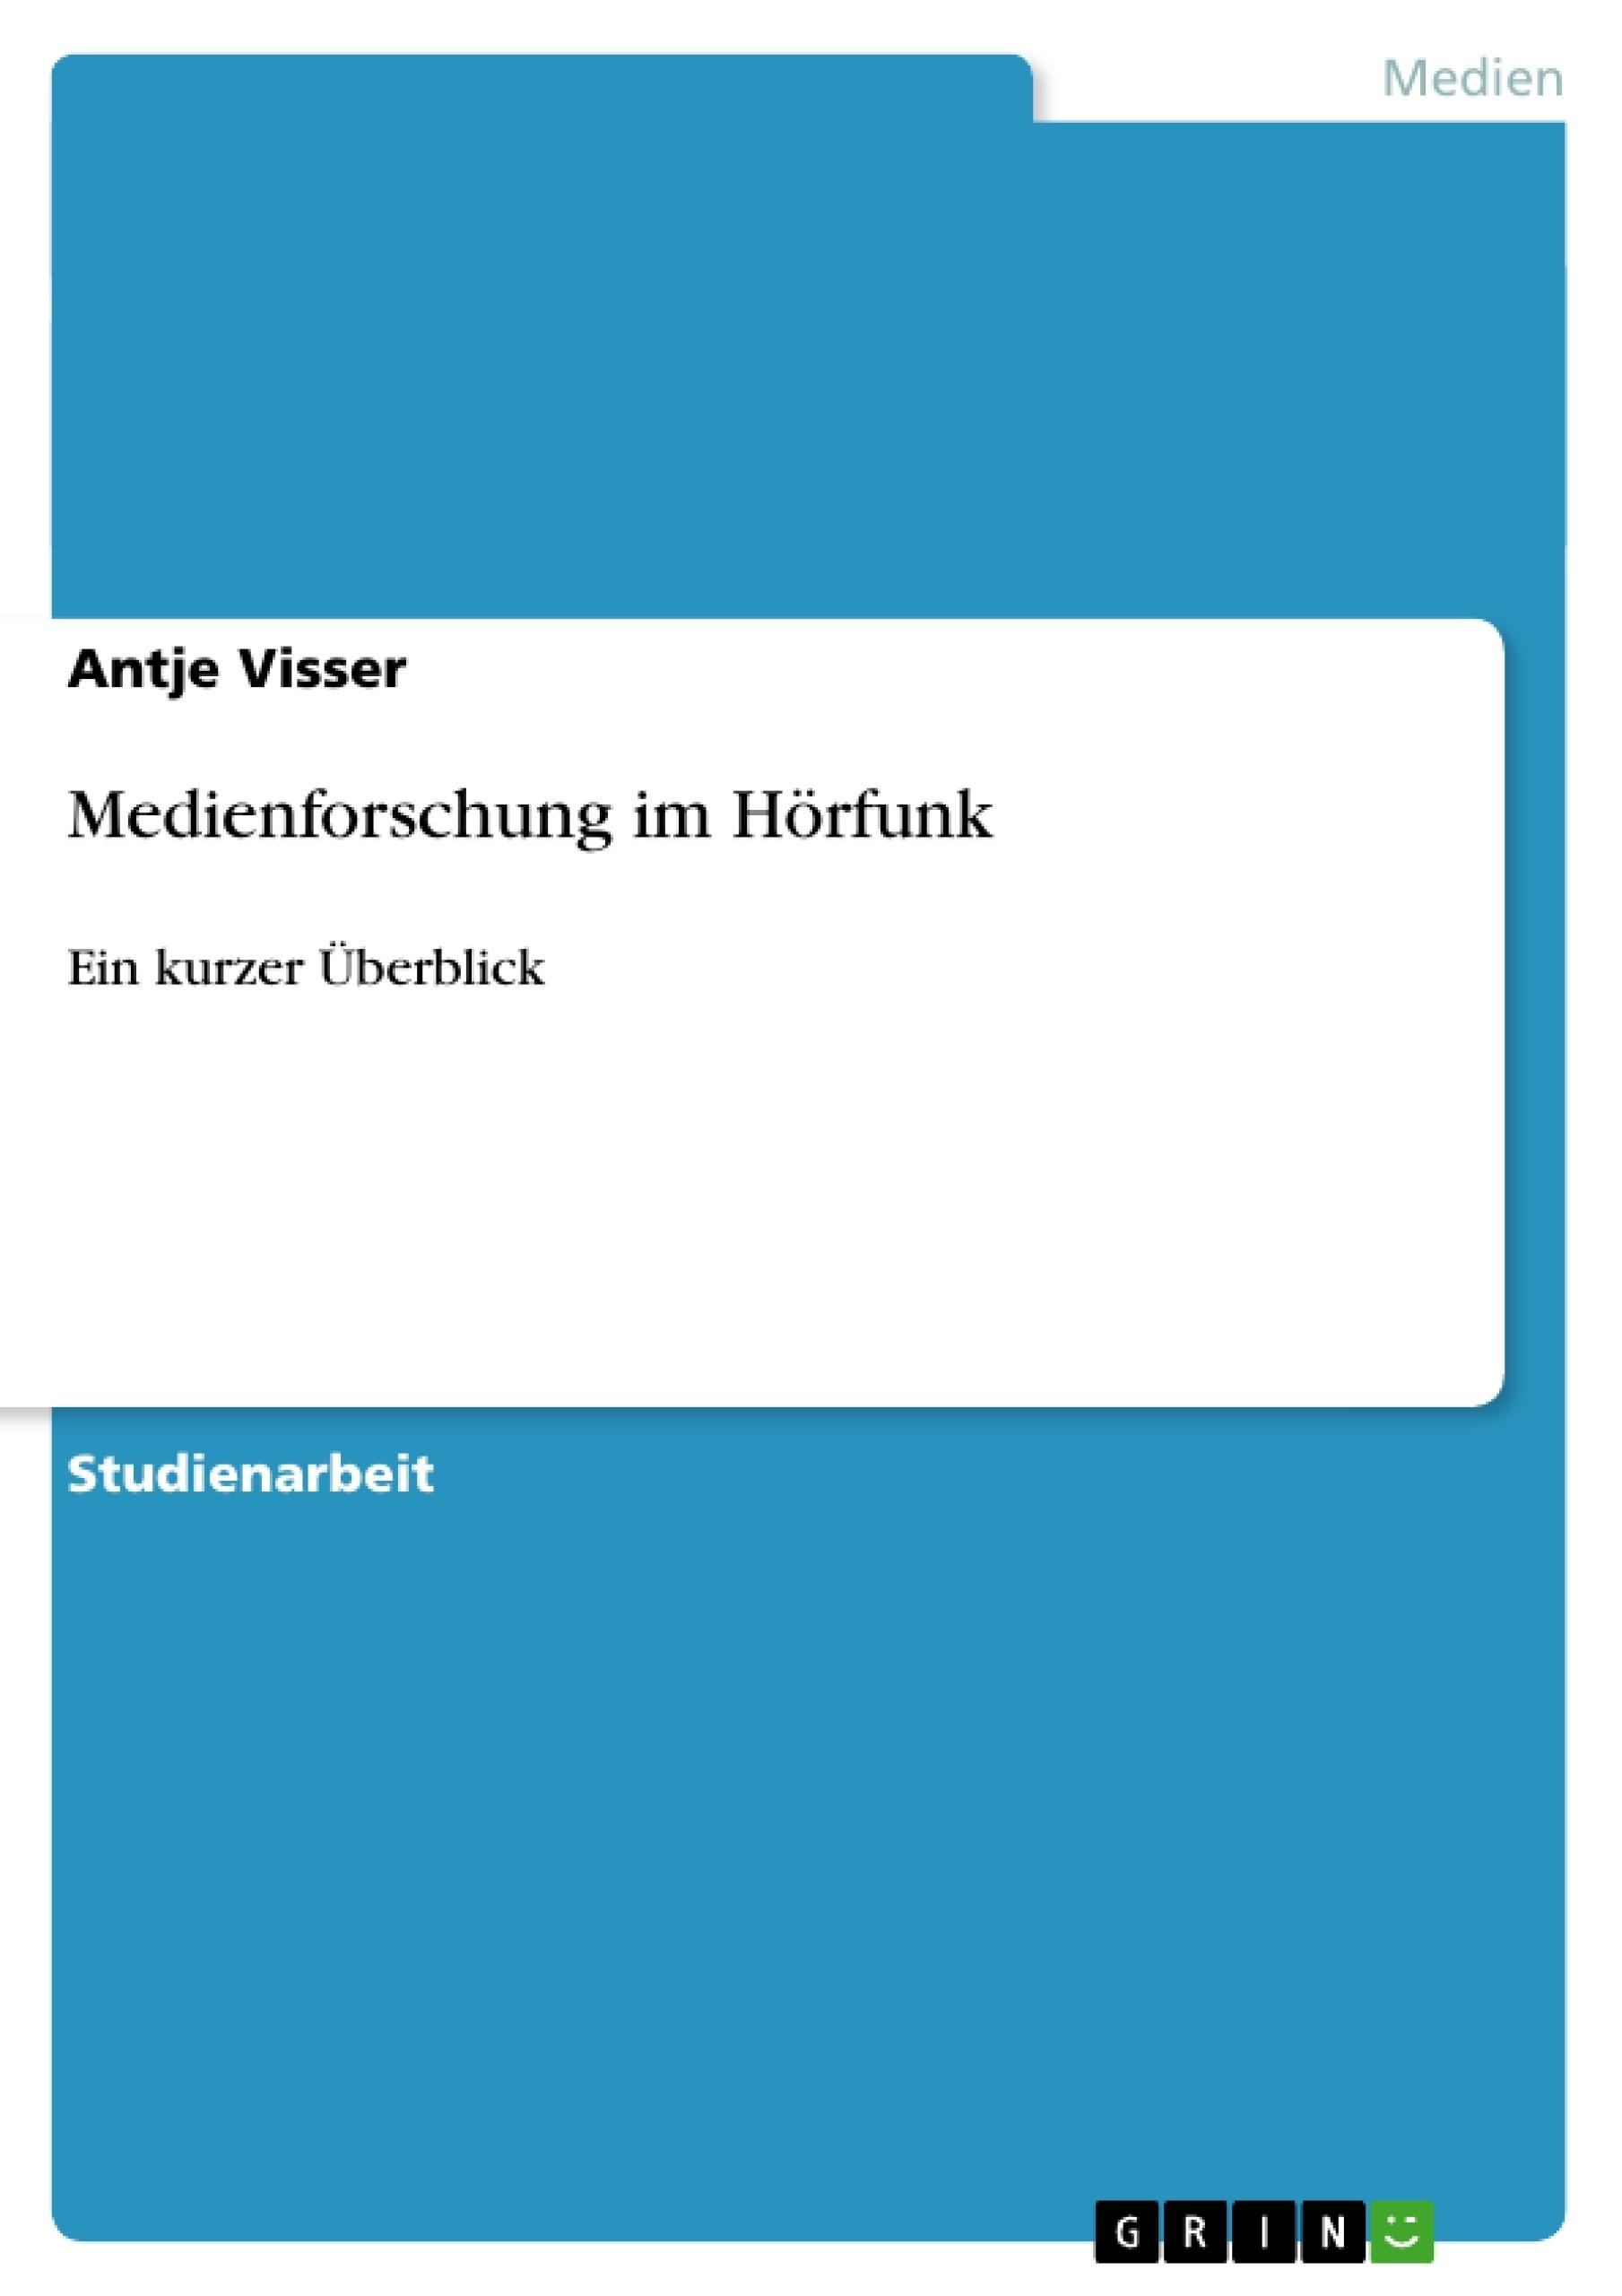 Titel: Medienforschung im Hörfunk